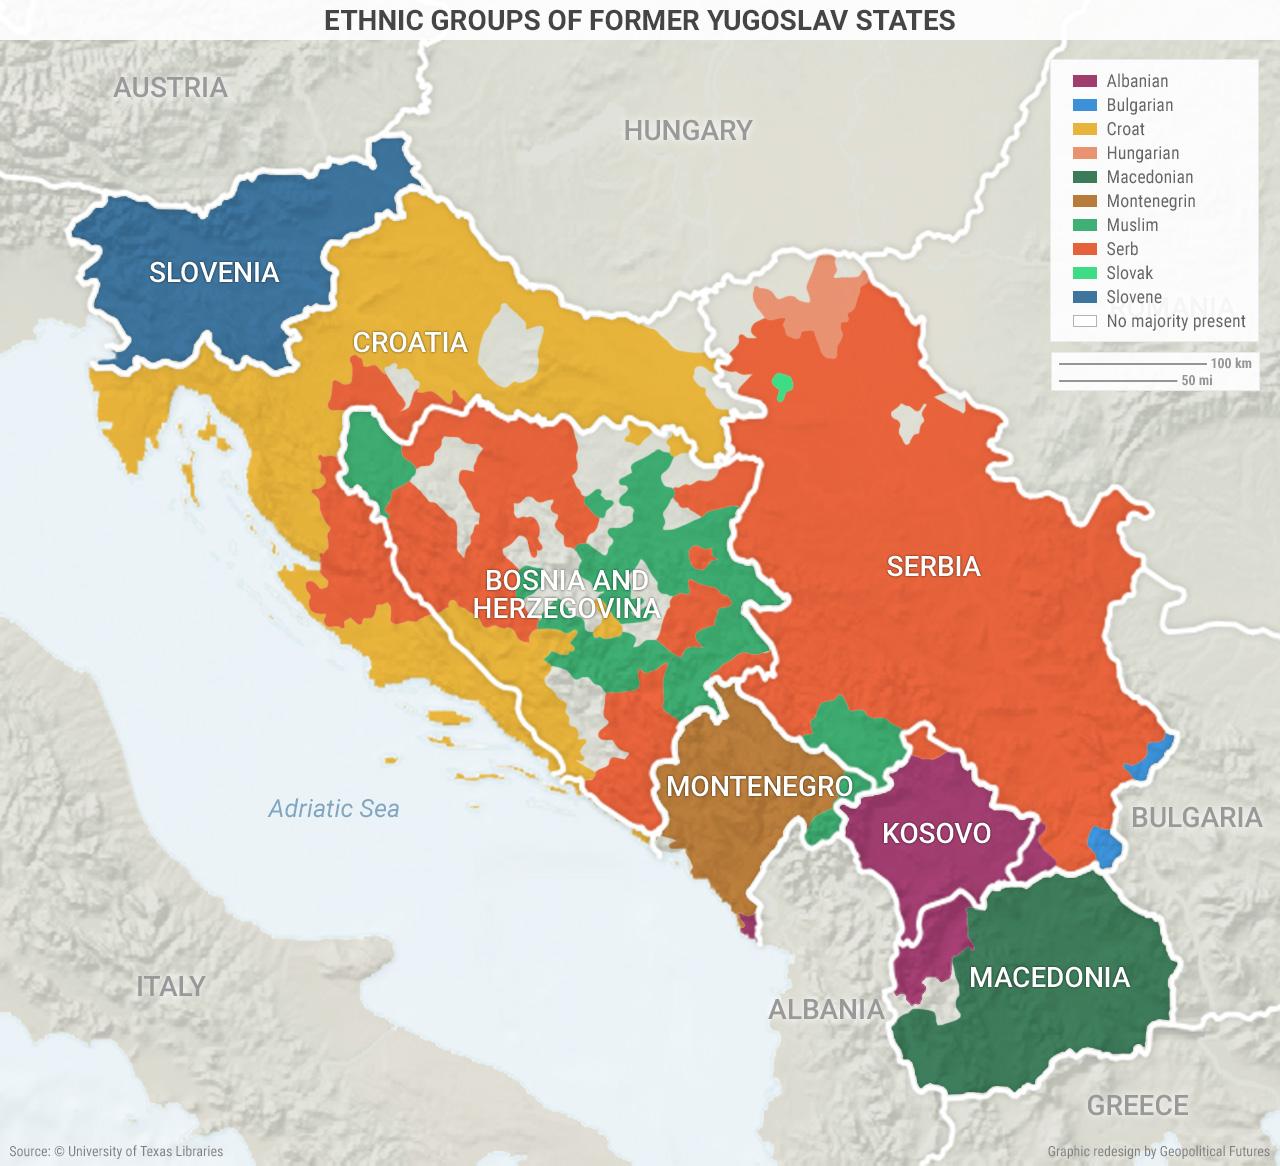 balkans-yugoslavia-ethnic